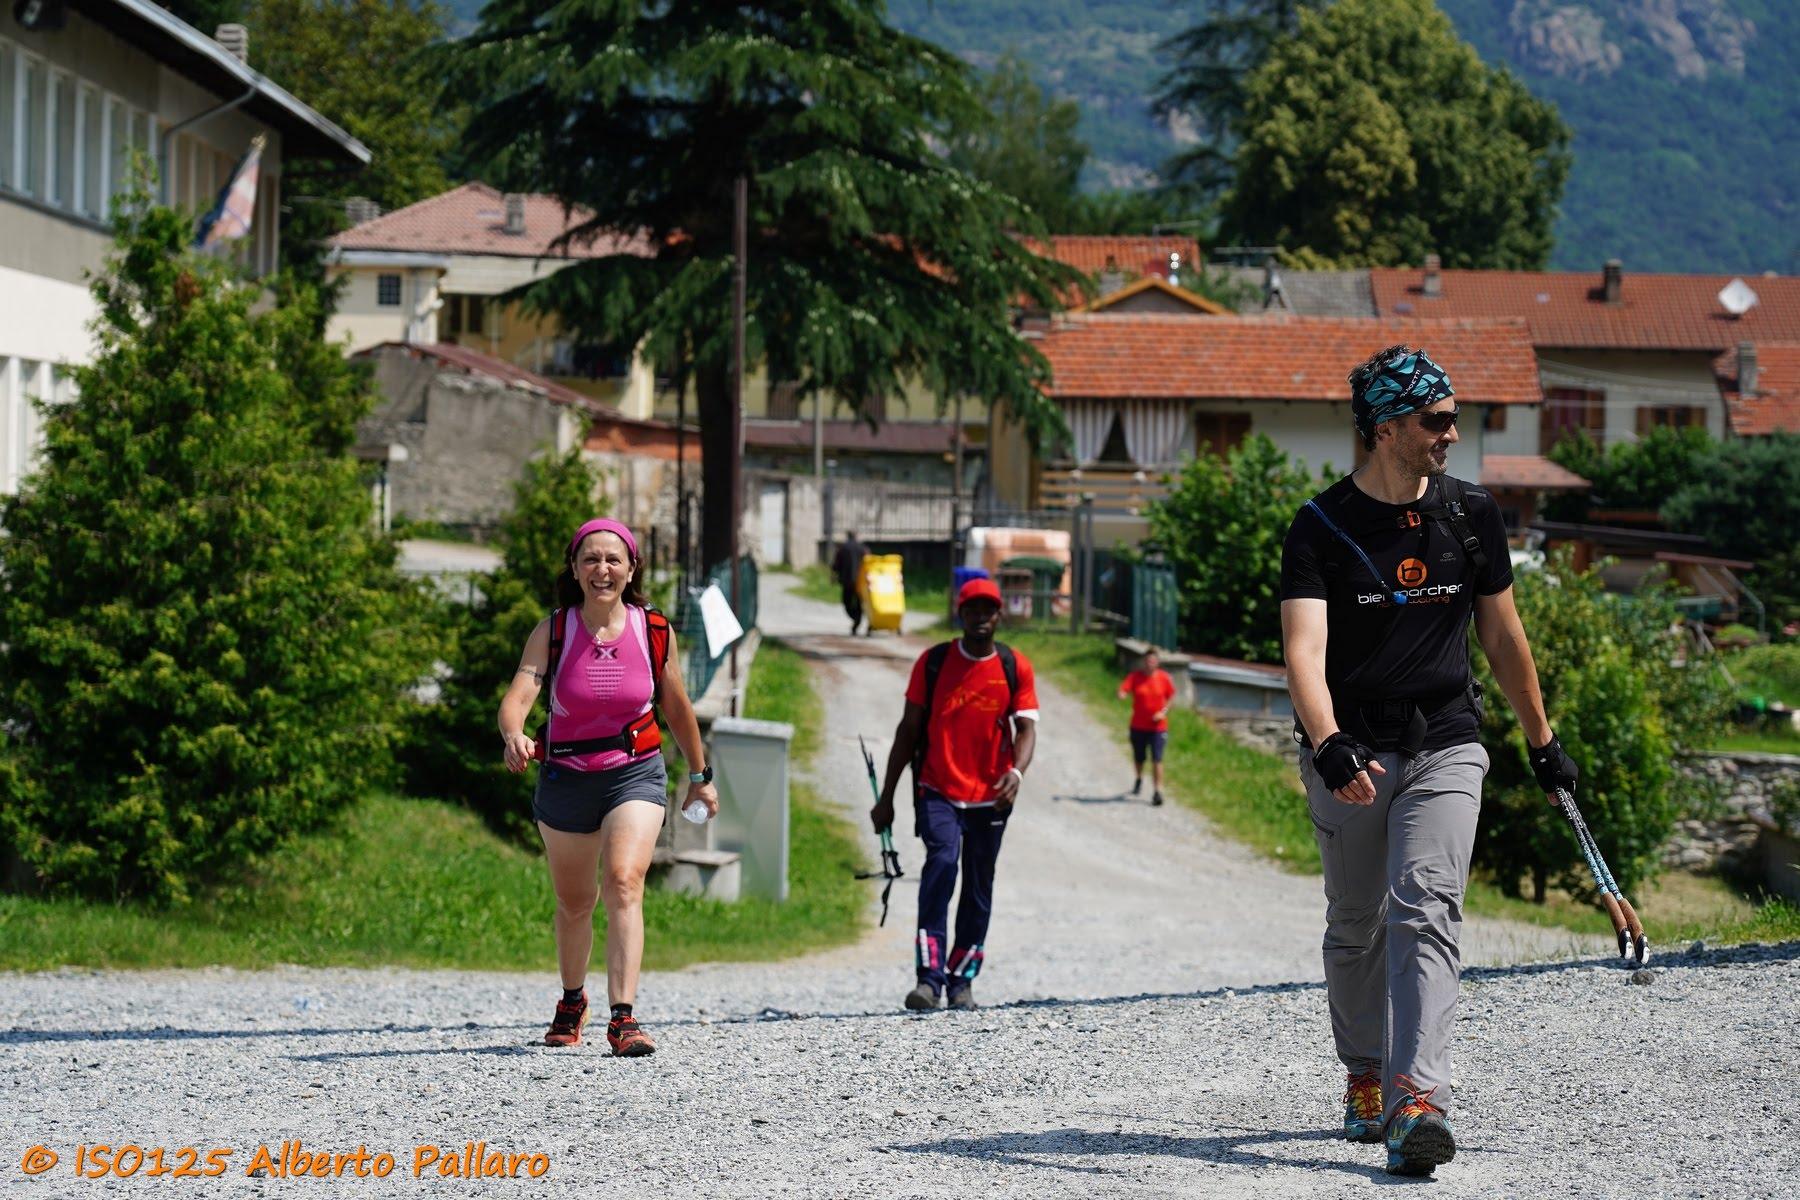 Francigena Valdisusa Marathon Villar Focchiardo - 091